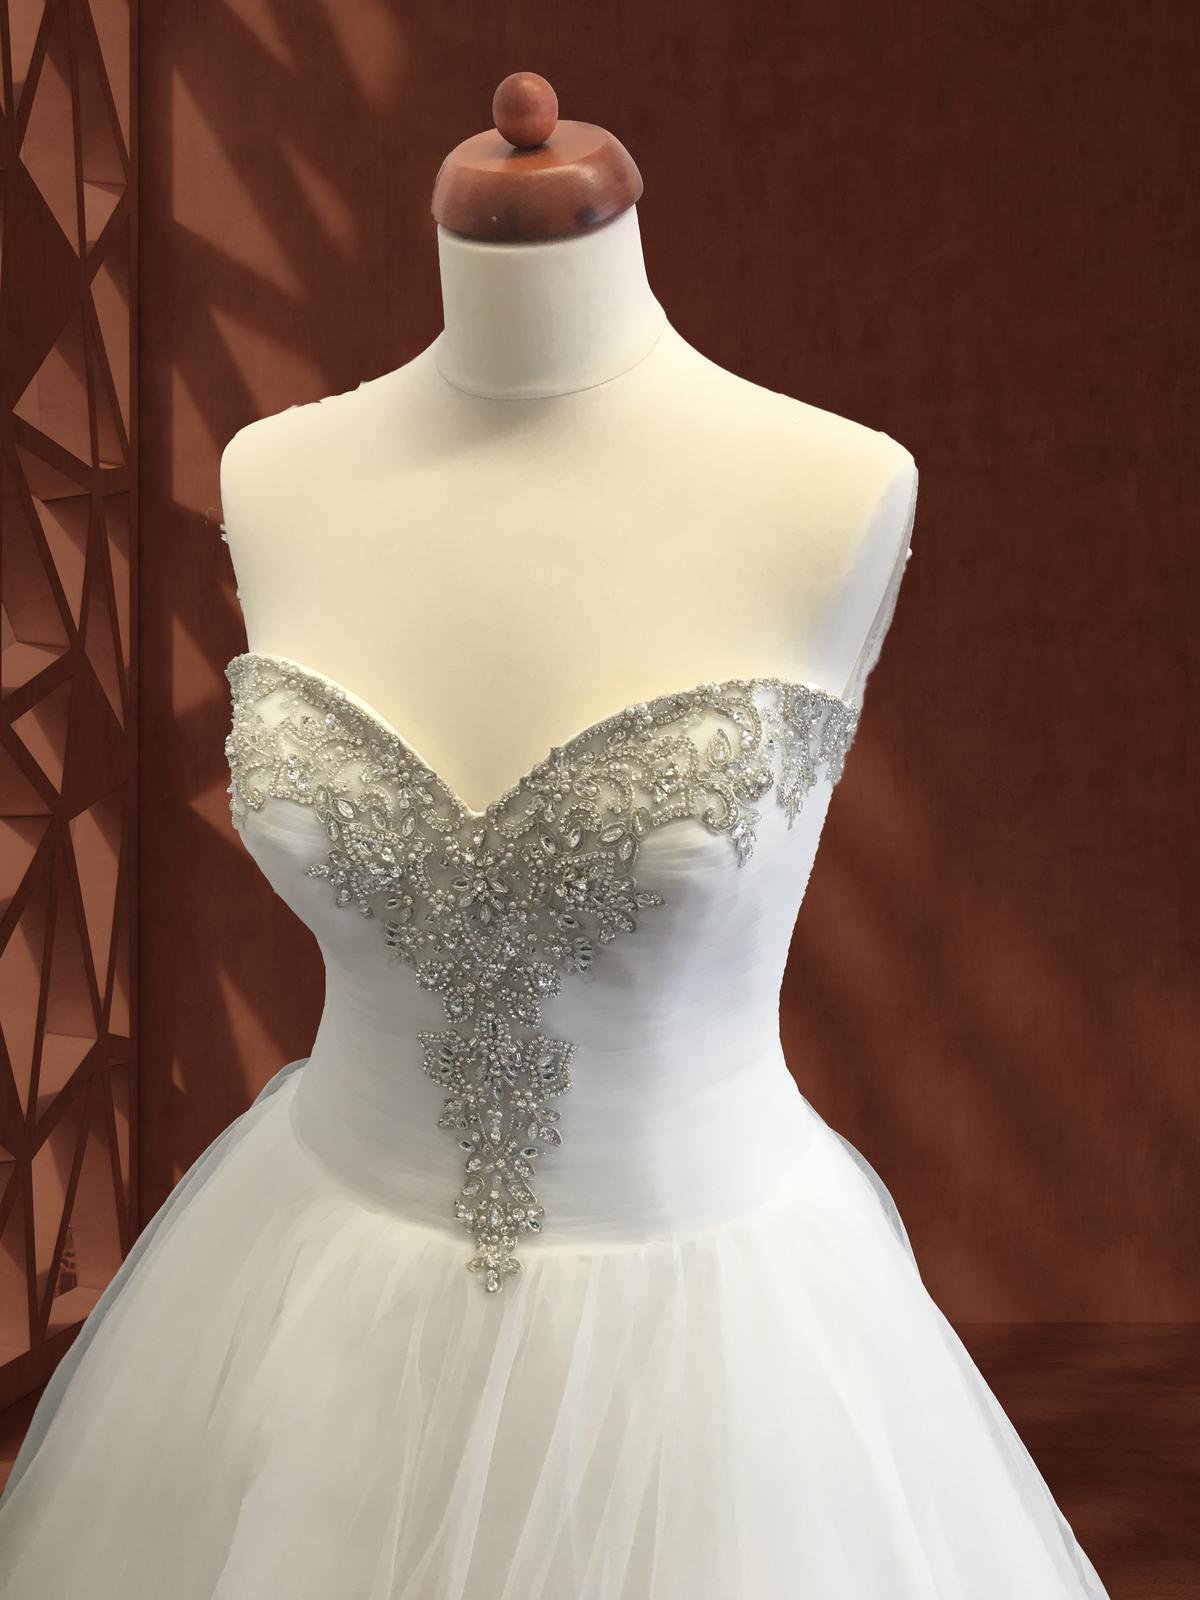 Luxusní svatební šaty Allure Bridals, vel. 38 - 40 - Obrázek č. 1